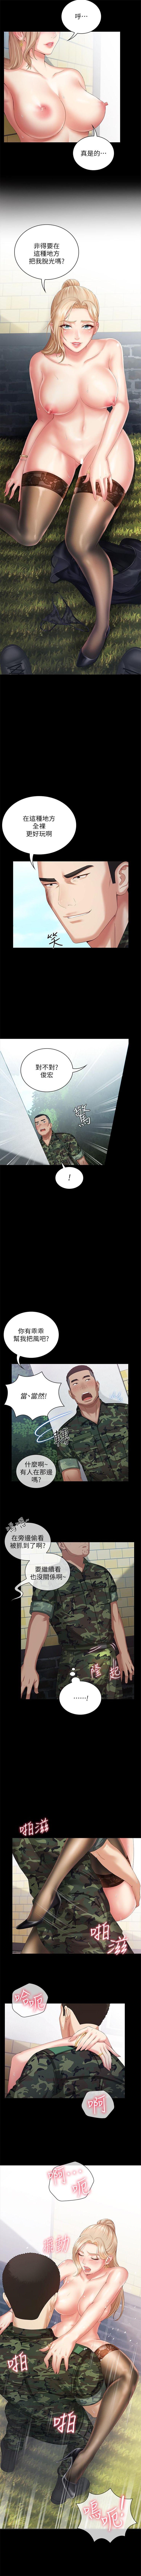 (週6)妹妹的義務 1-19 中文翻譯(更新中) 77